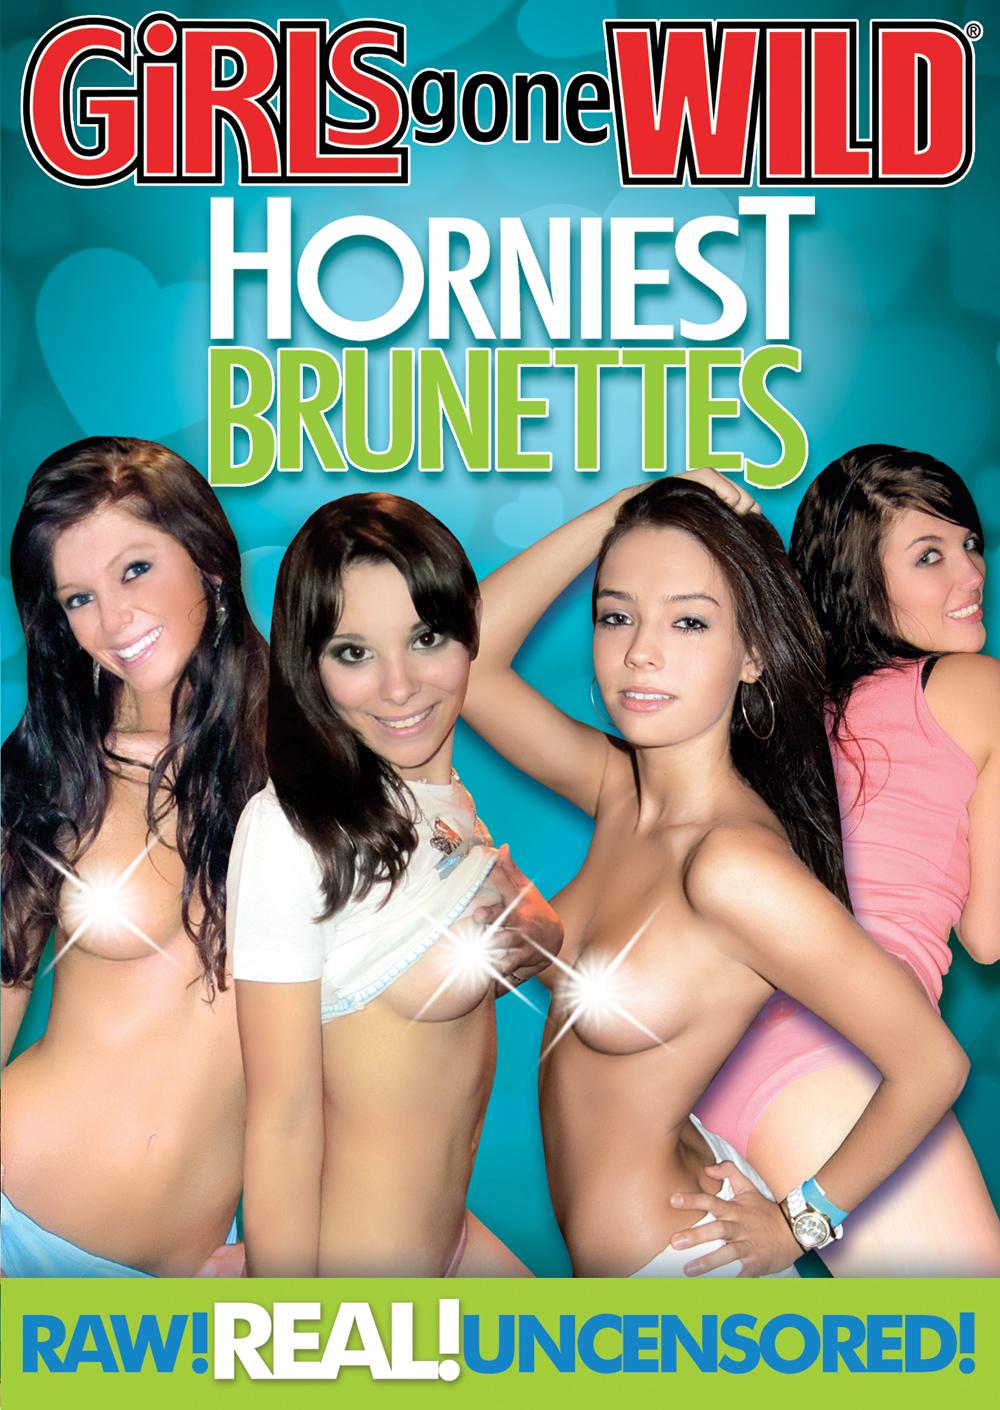 Girls Gone Wild: Horniest Brunettes